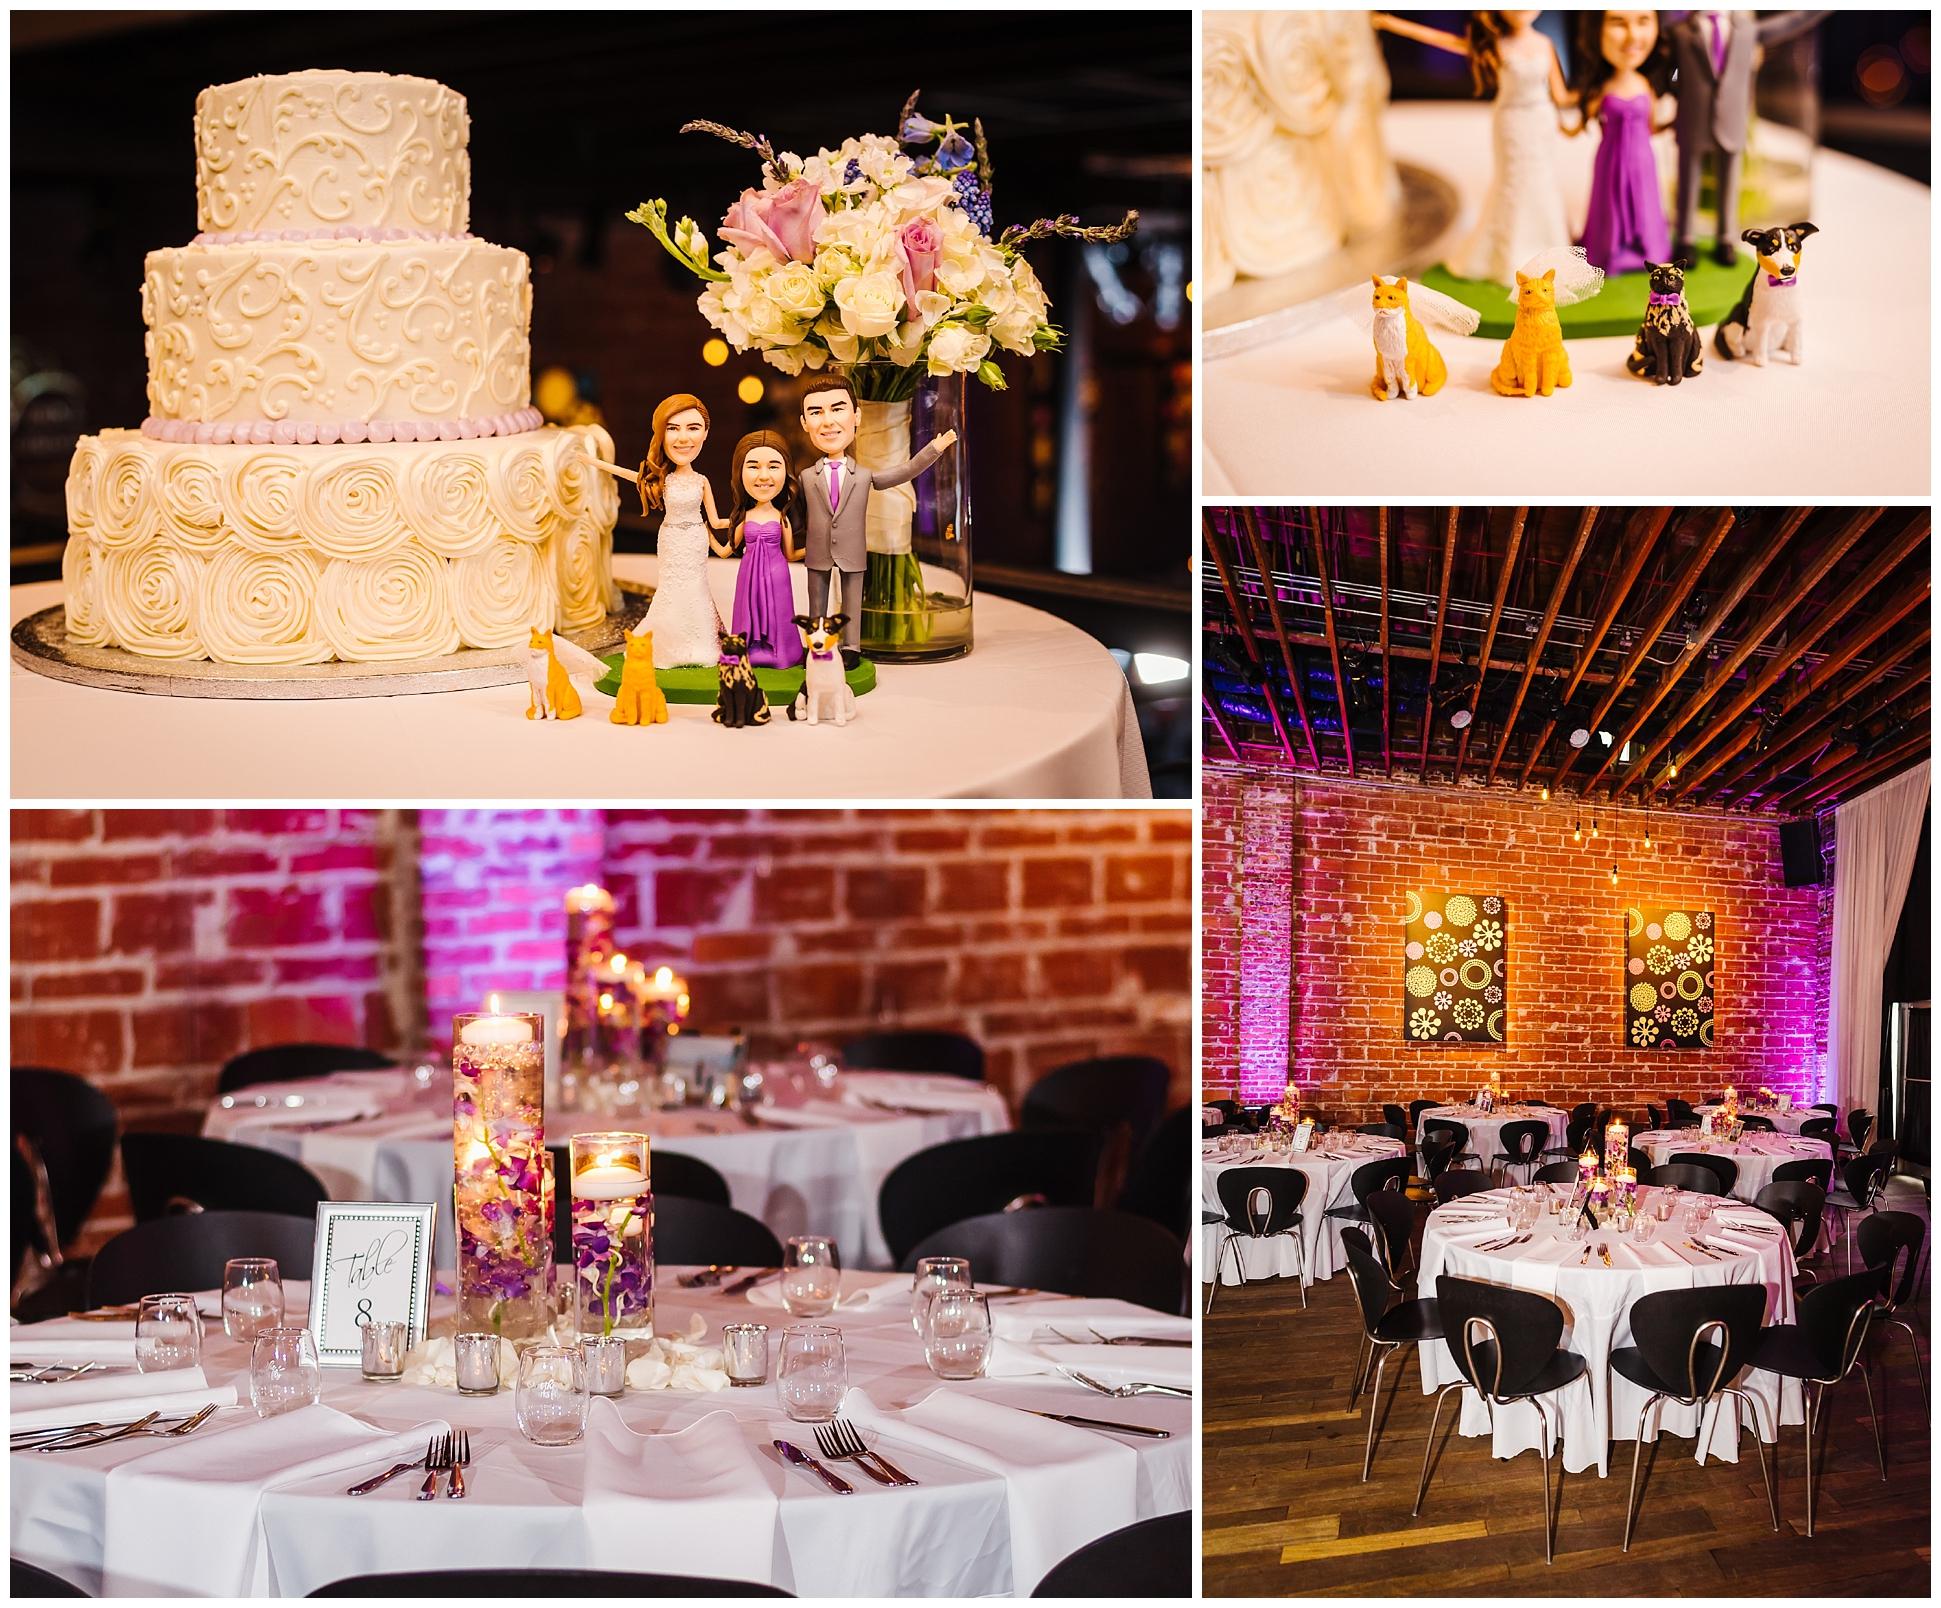 st-pete-wedding-photographer-nova-535-murals-downtown-lavendar_0038.jpg